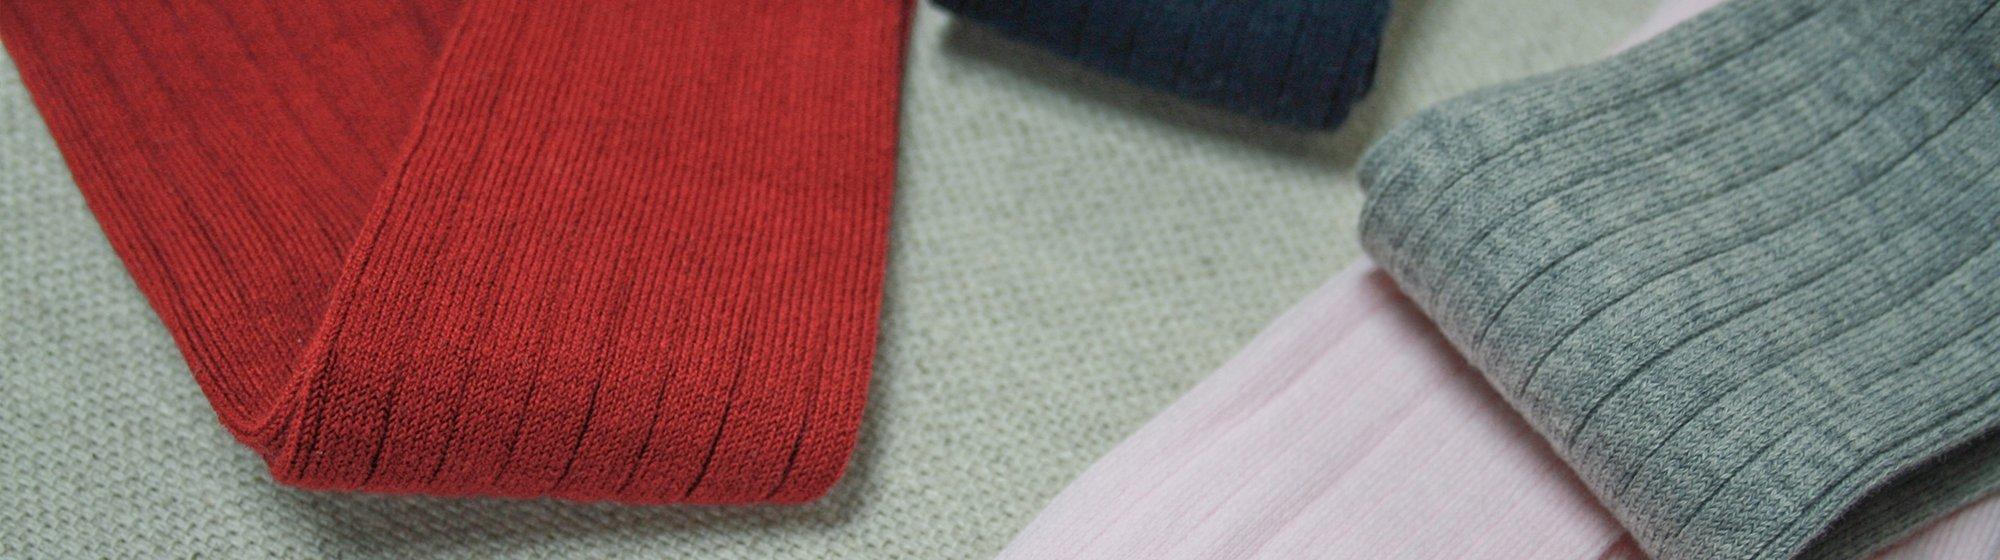 Collants et textile Condor